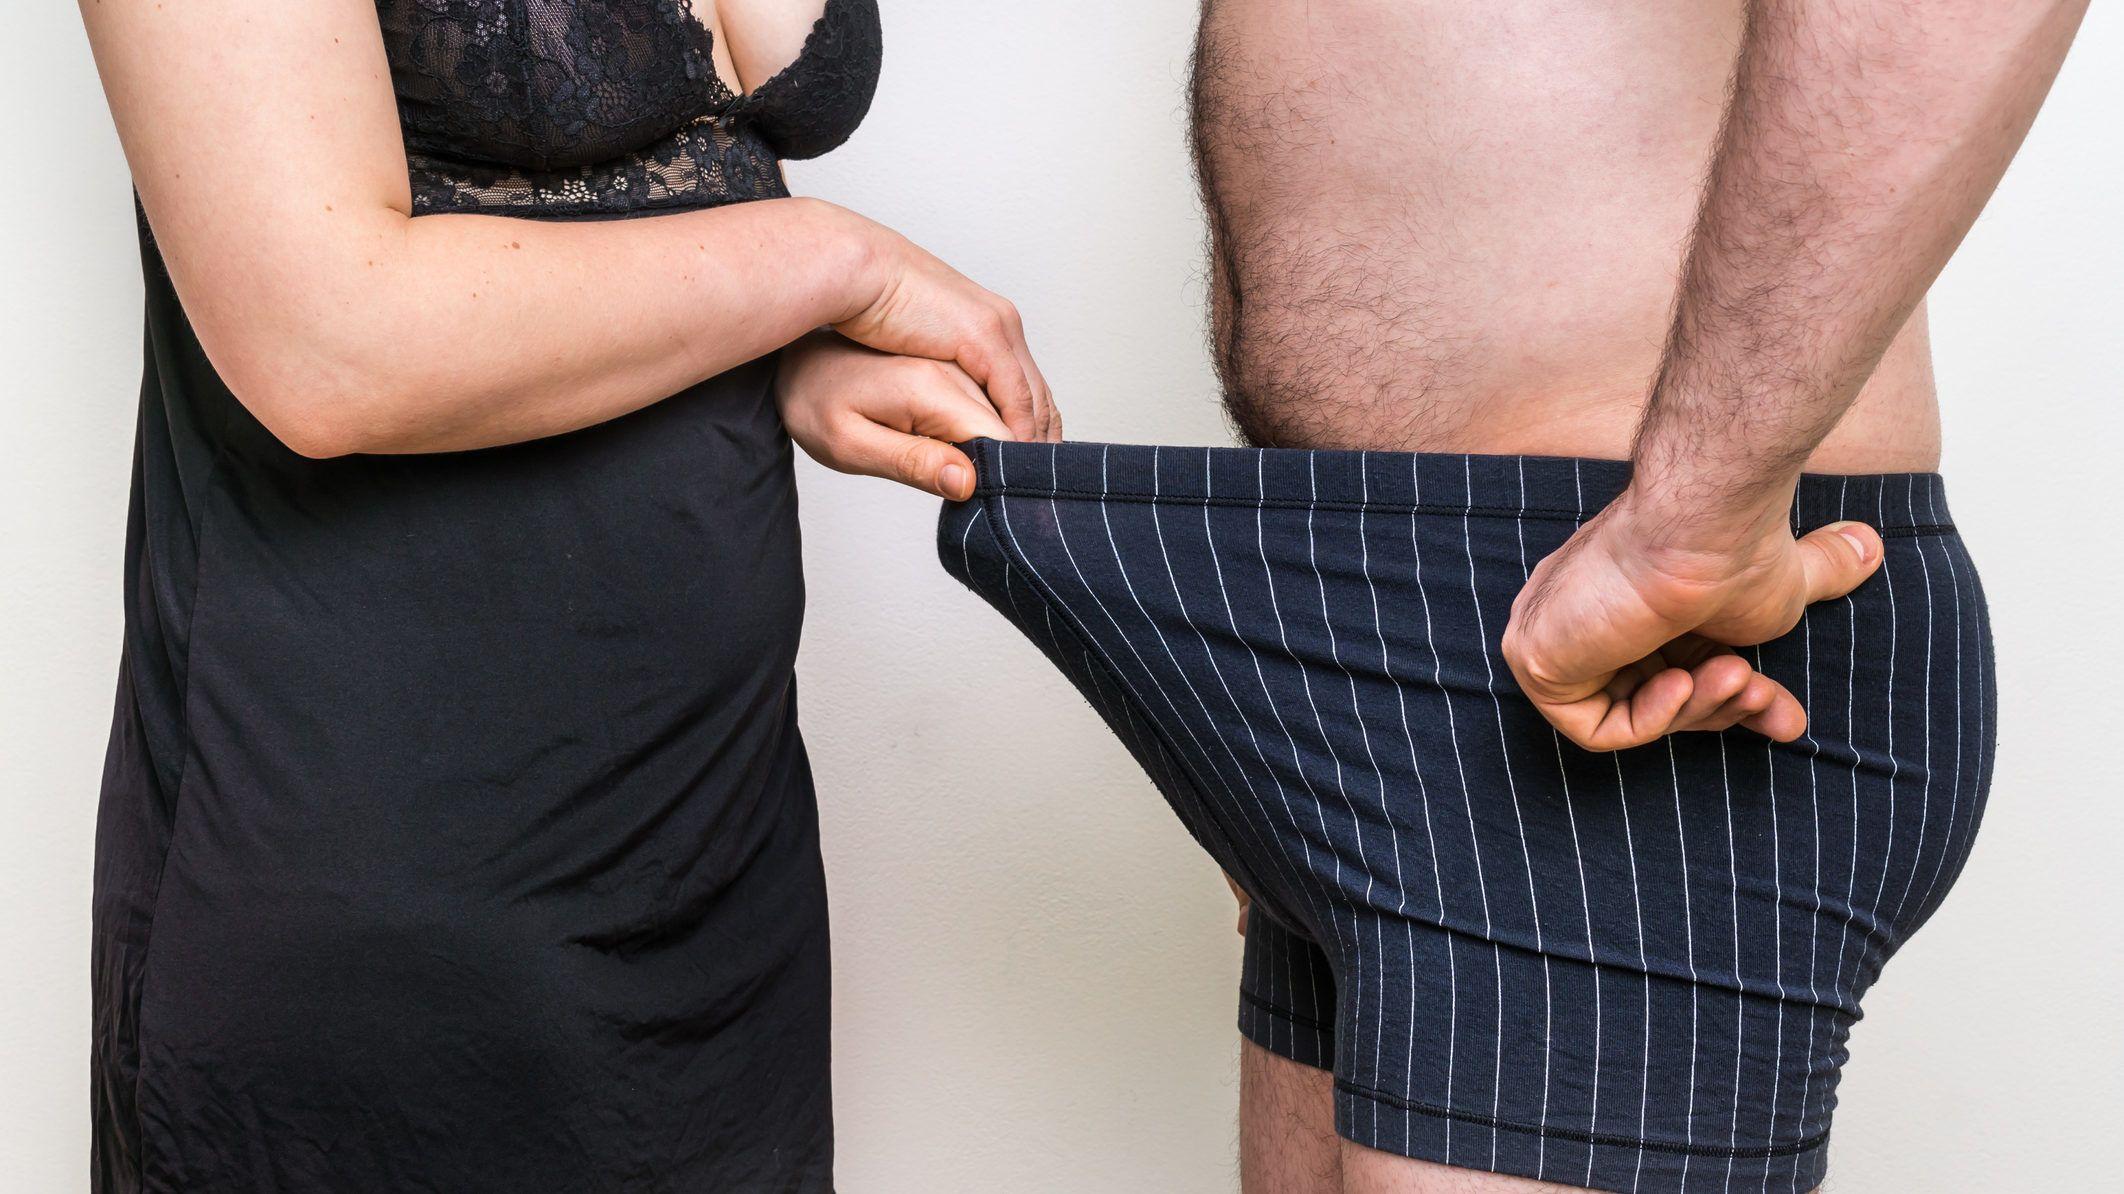 mi lehet gyenge erekcióban megelőzés az erekció javítása érdekében